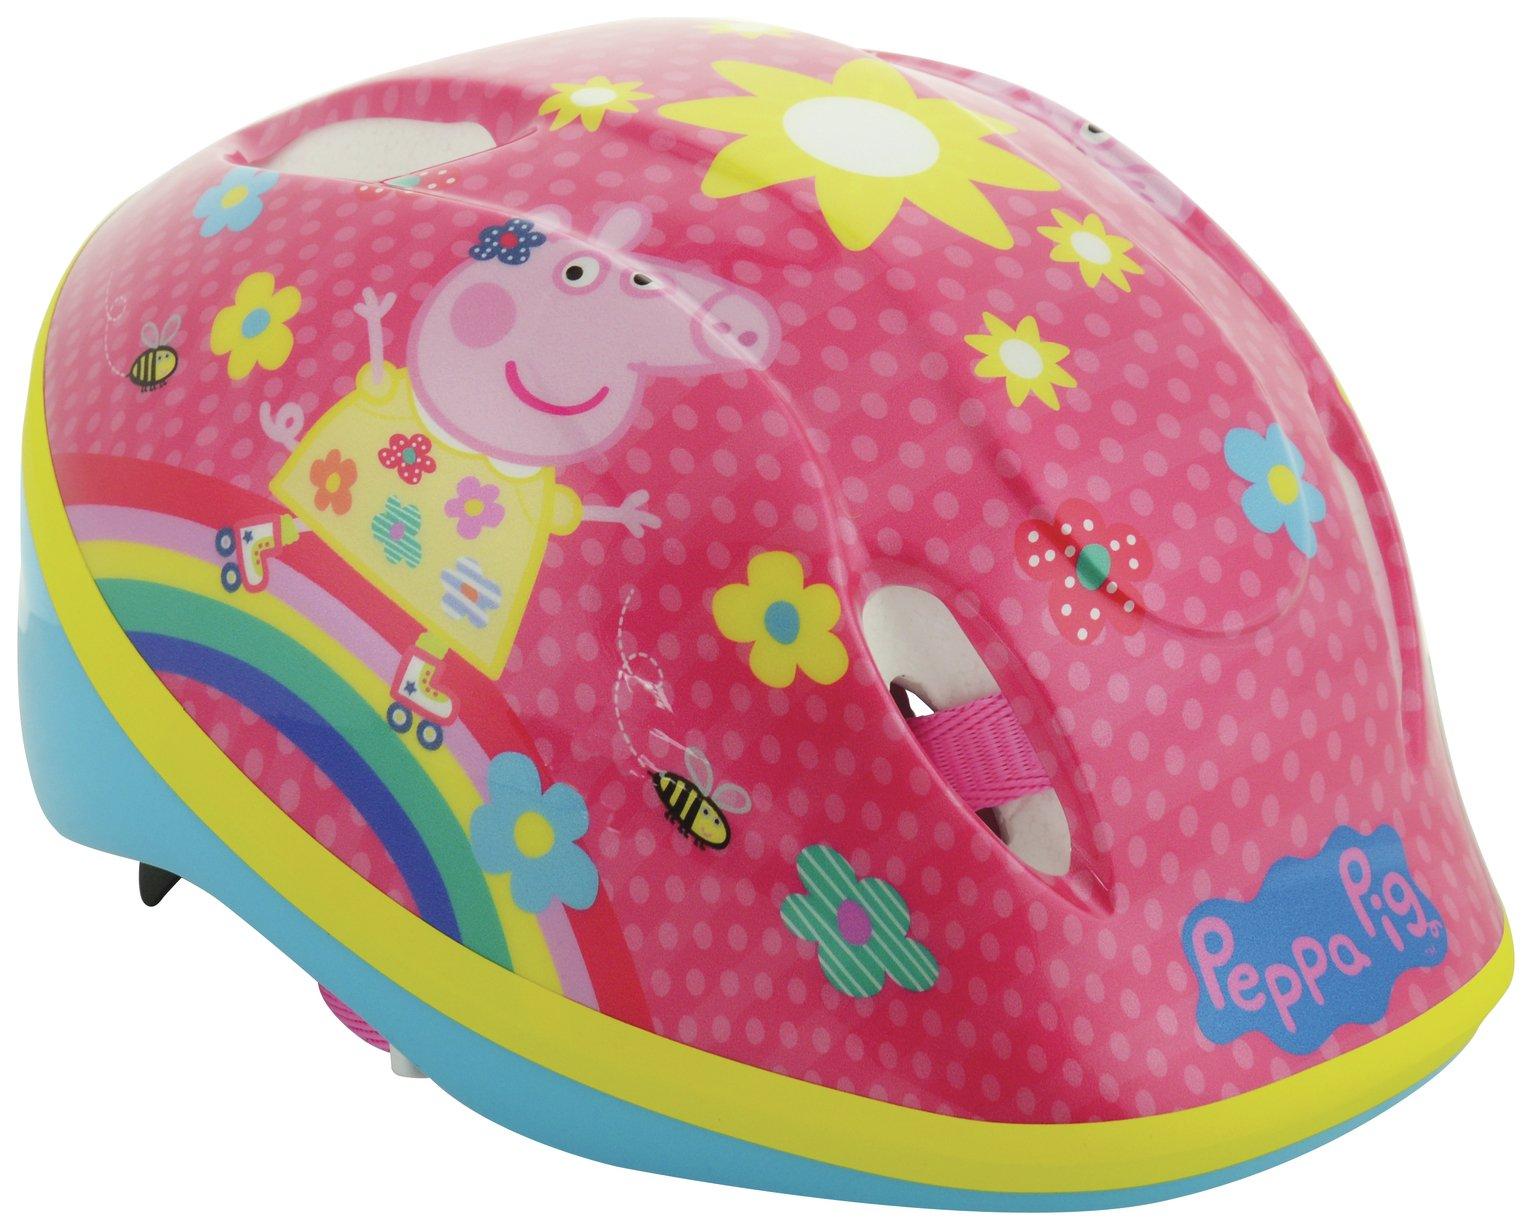 Peppa Pig Bike Helmet - Unisex